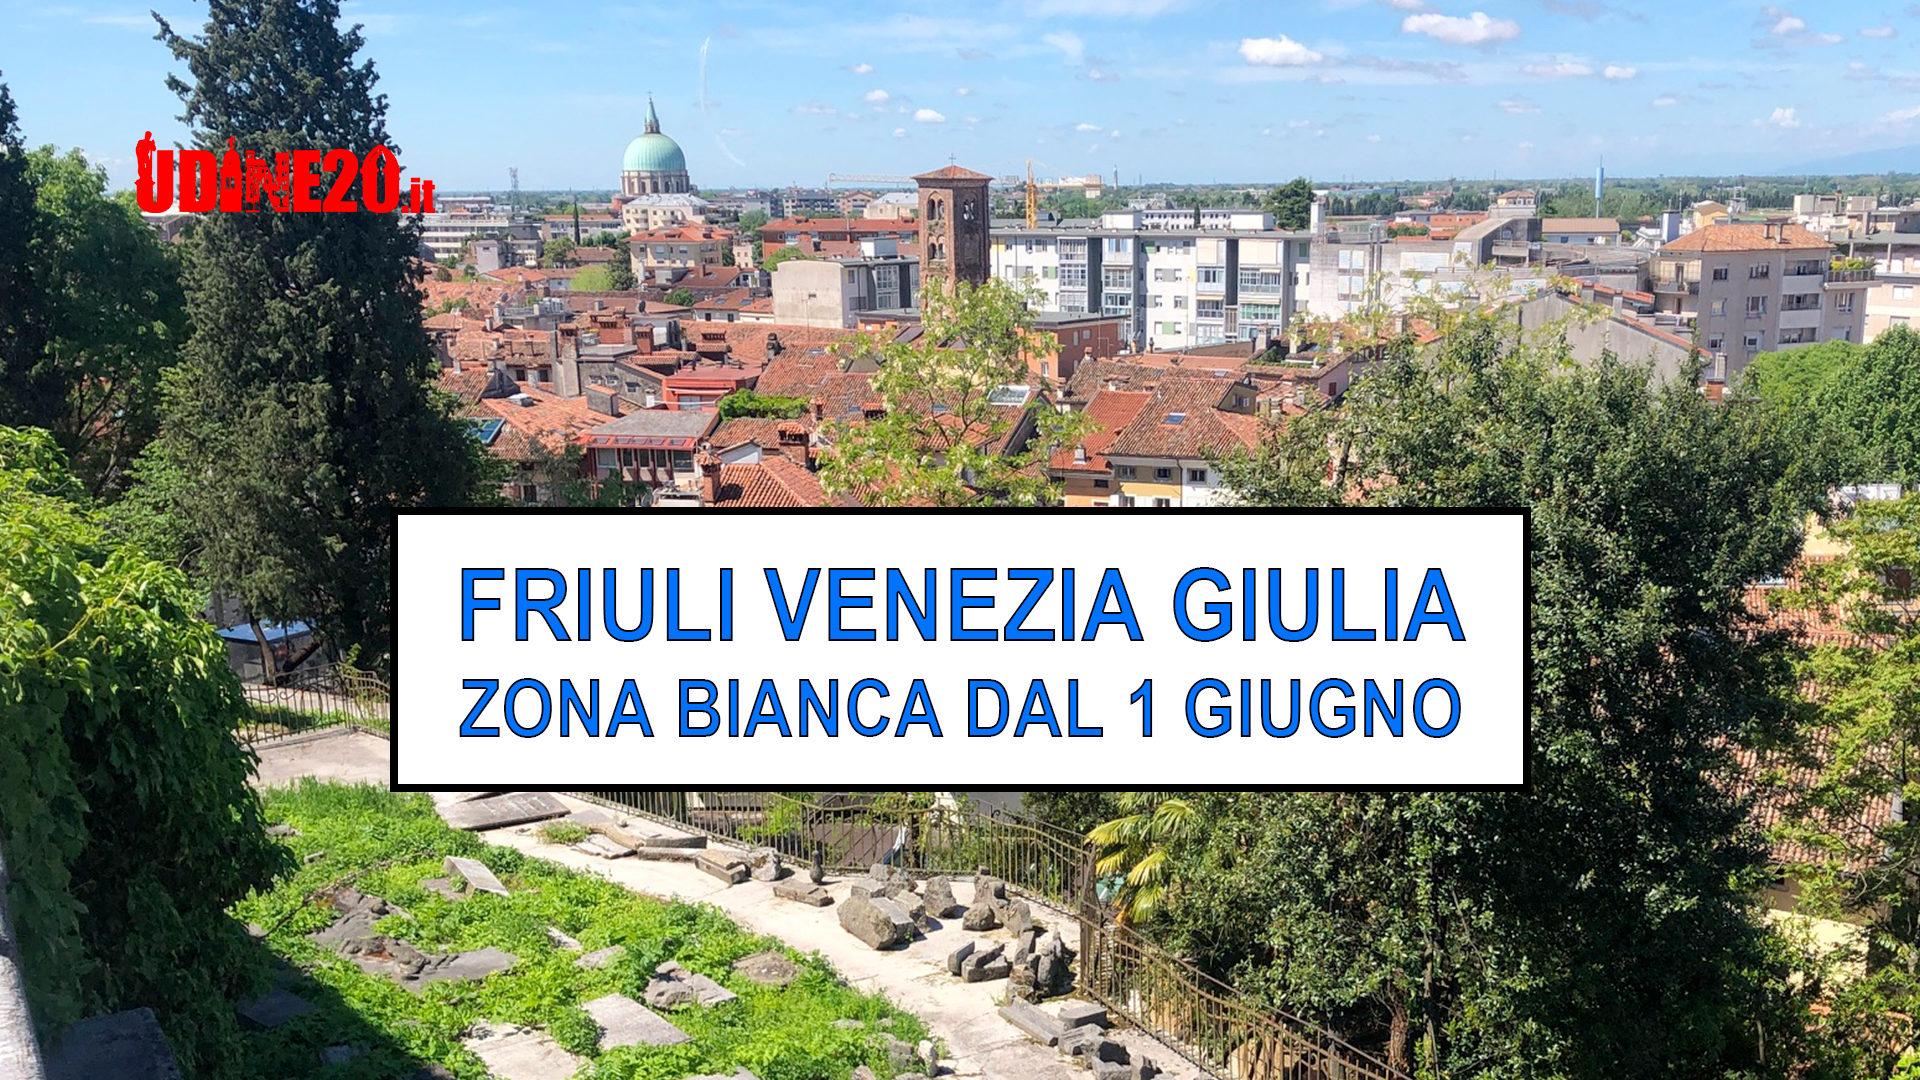 Zona Bianca in Friuli Venezia Giulia dal 1 giugno